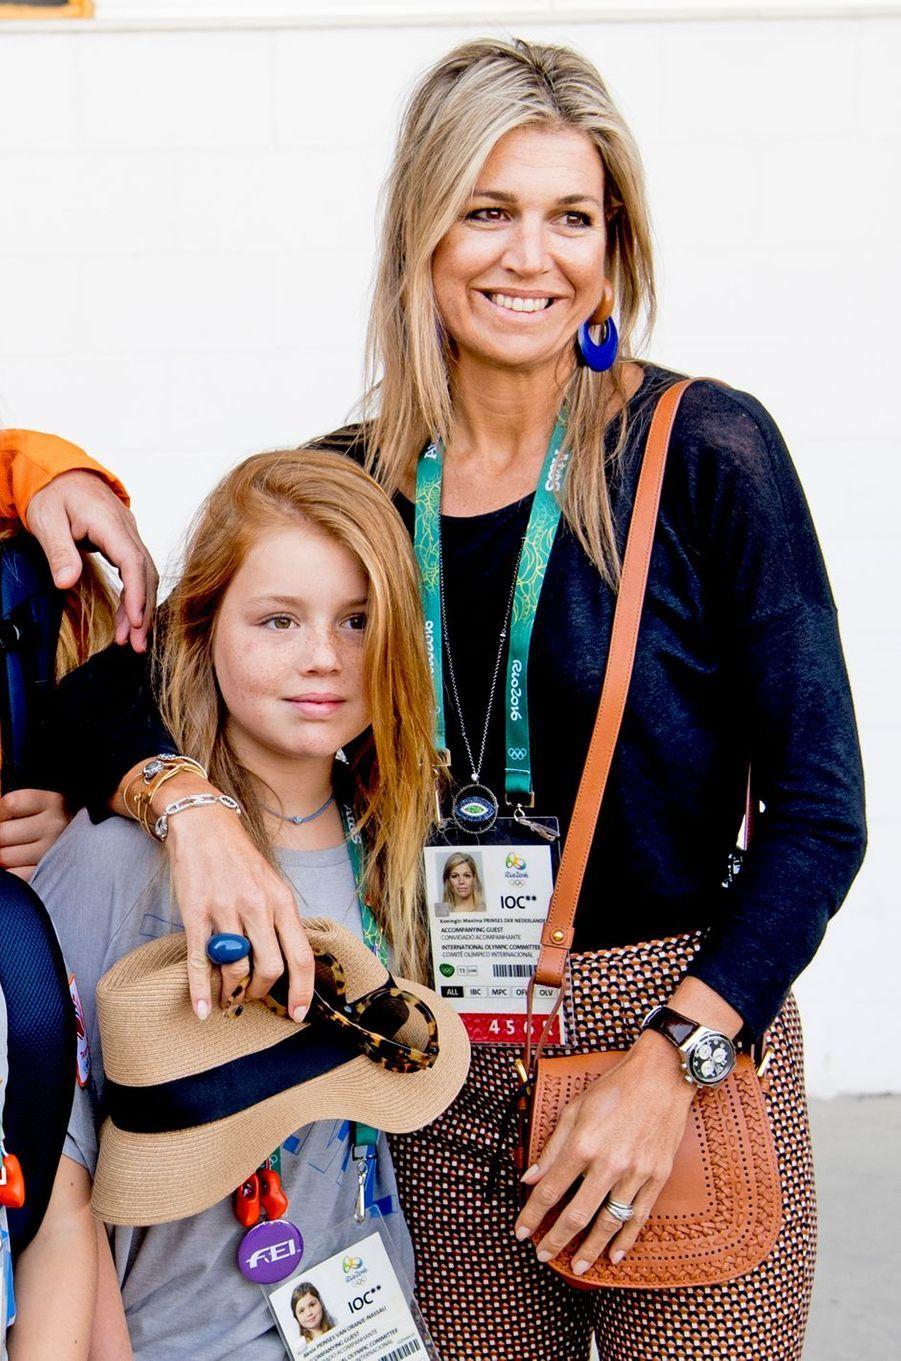 La reine Maxima des Pays-Bas, avec sa fille Alexia, aux JO de Rio, le 17 août 2016